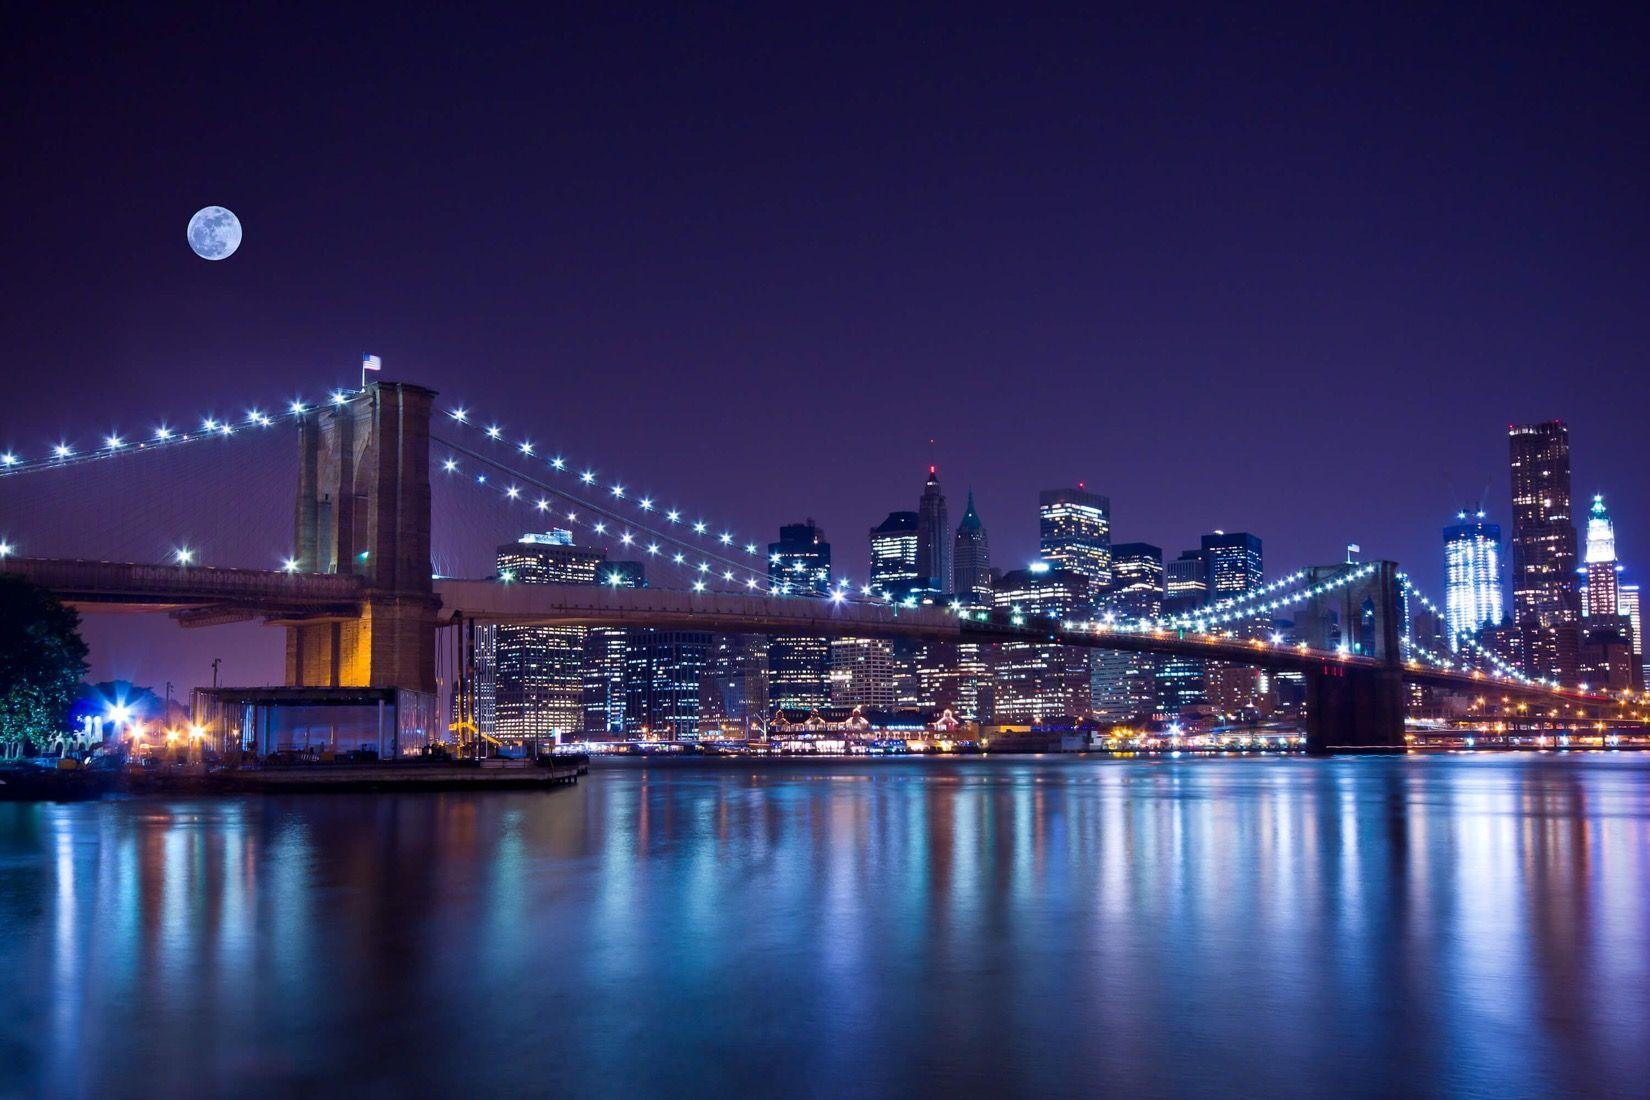 Moonlit Brooklyn Bridge Wallpaper Mural in 2020 Bridge